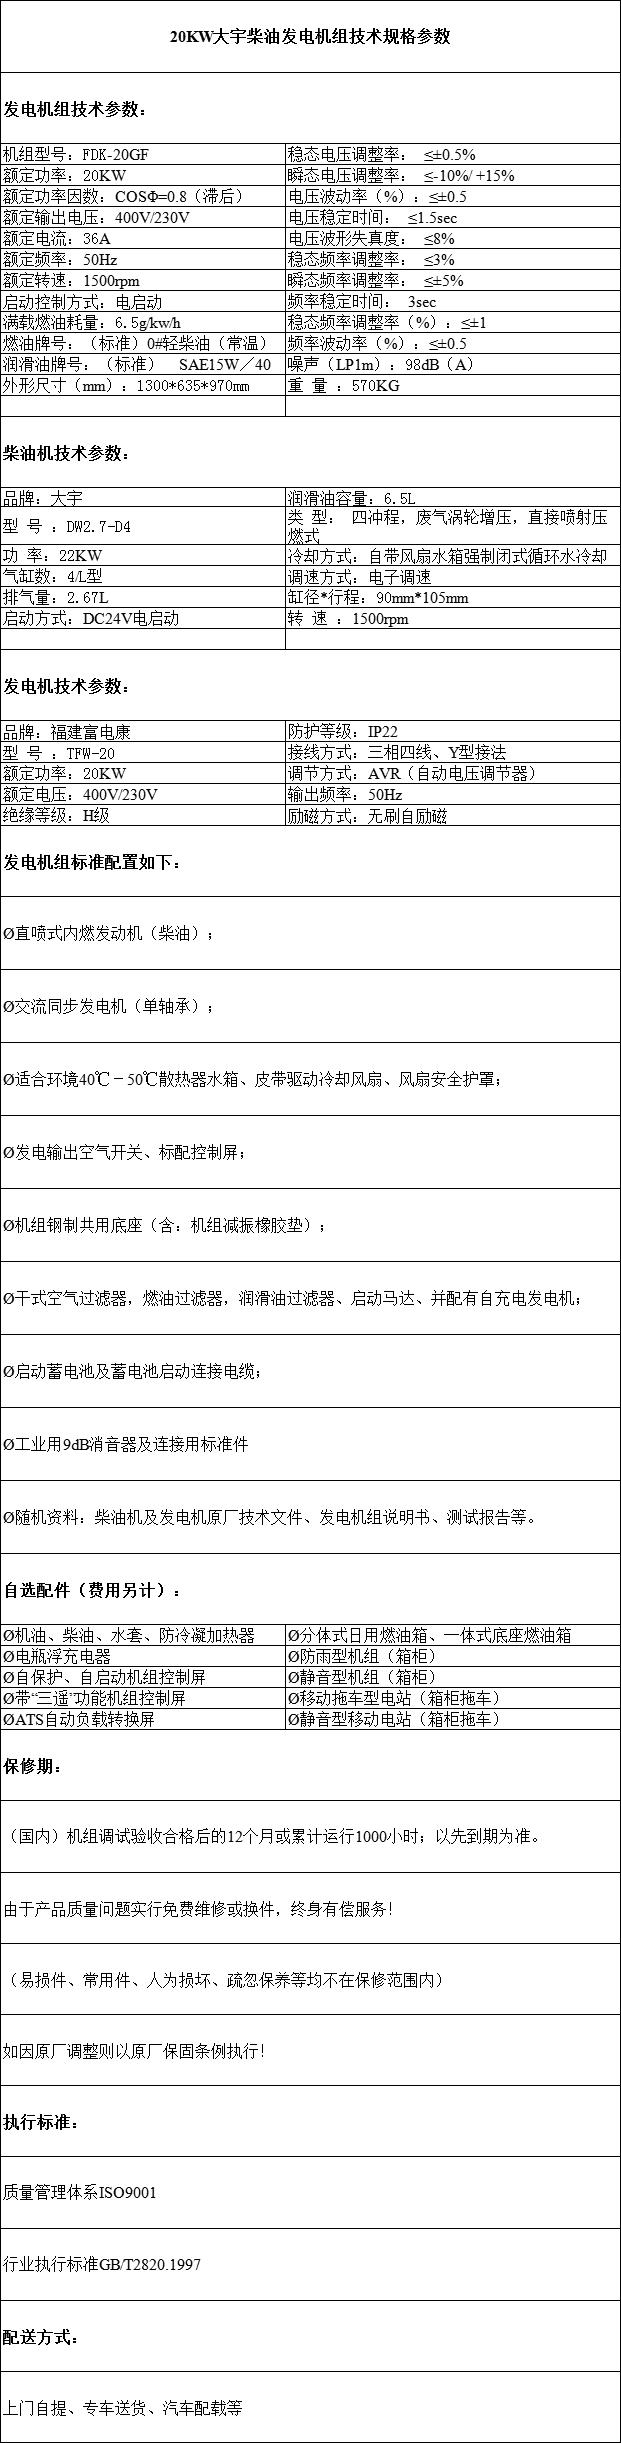 20KW大宇柴油发电机组